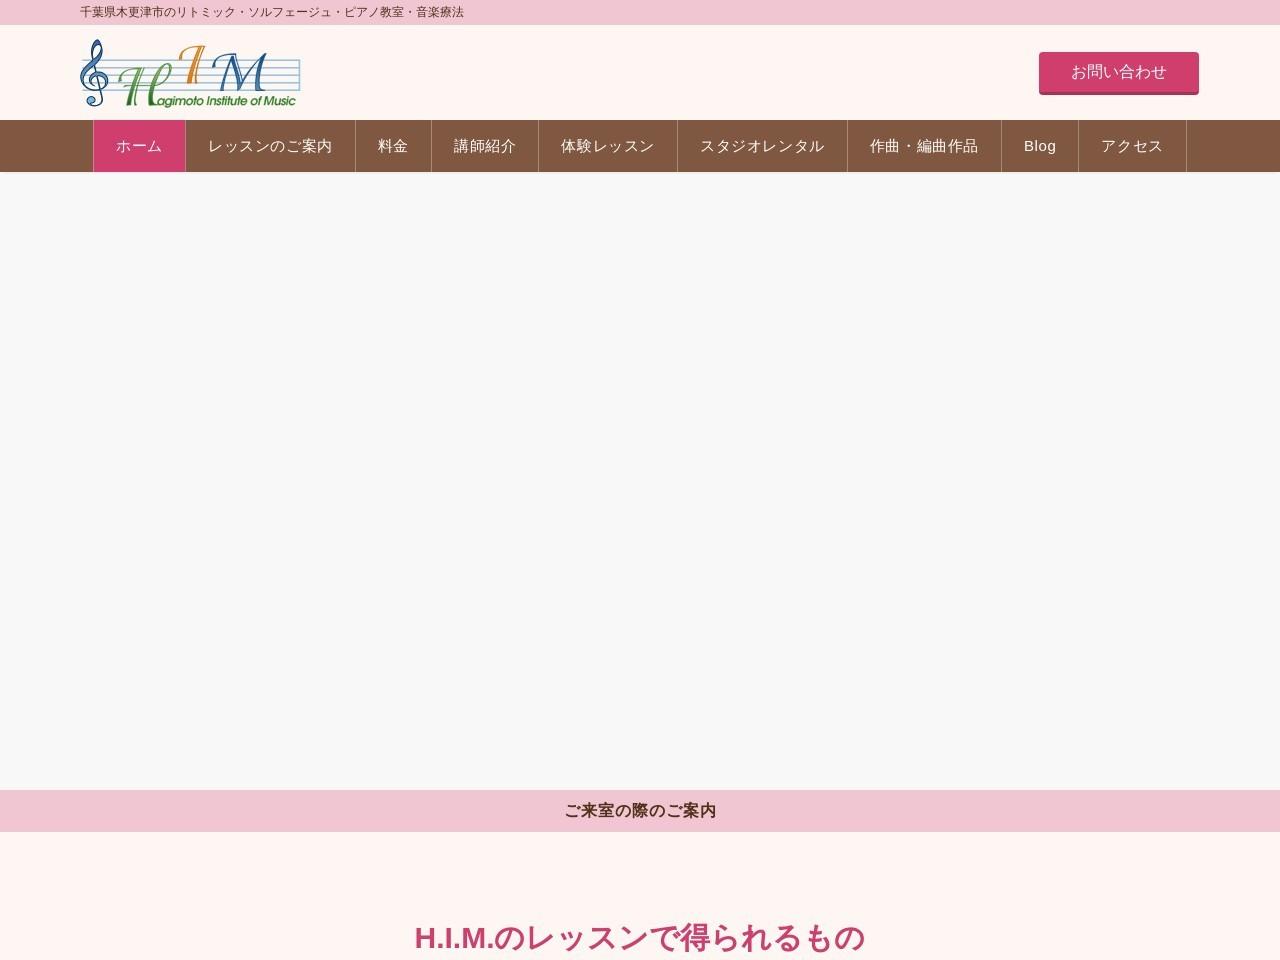 Hagimoto Institute of Music 木更津(H.I.M.木更津)のサムネイル